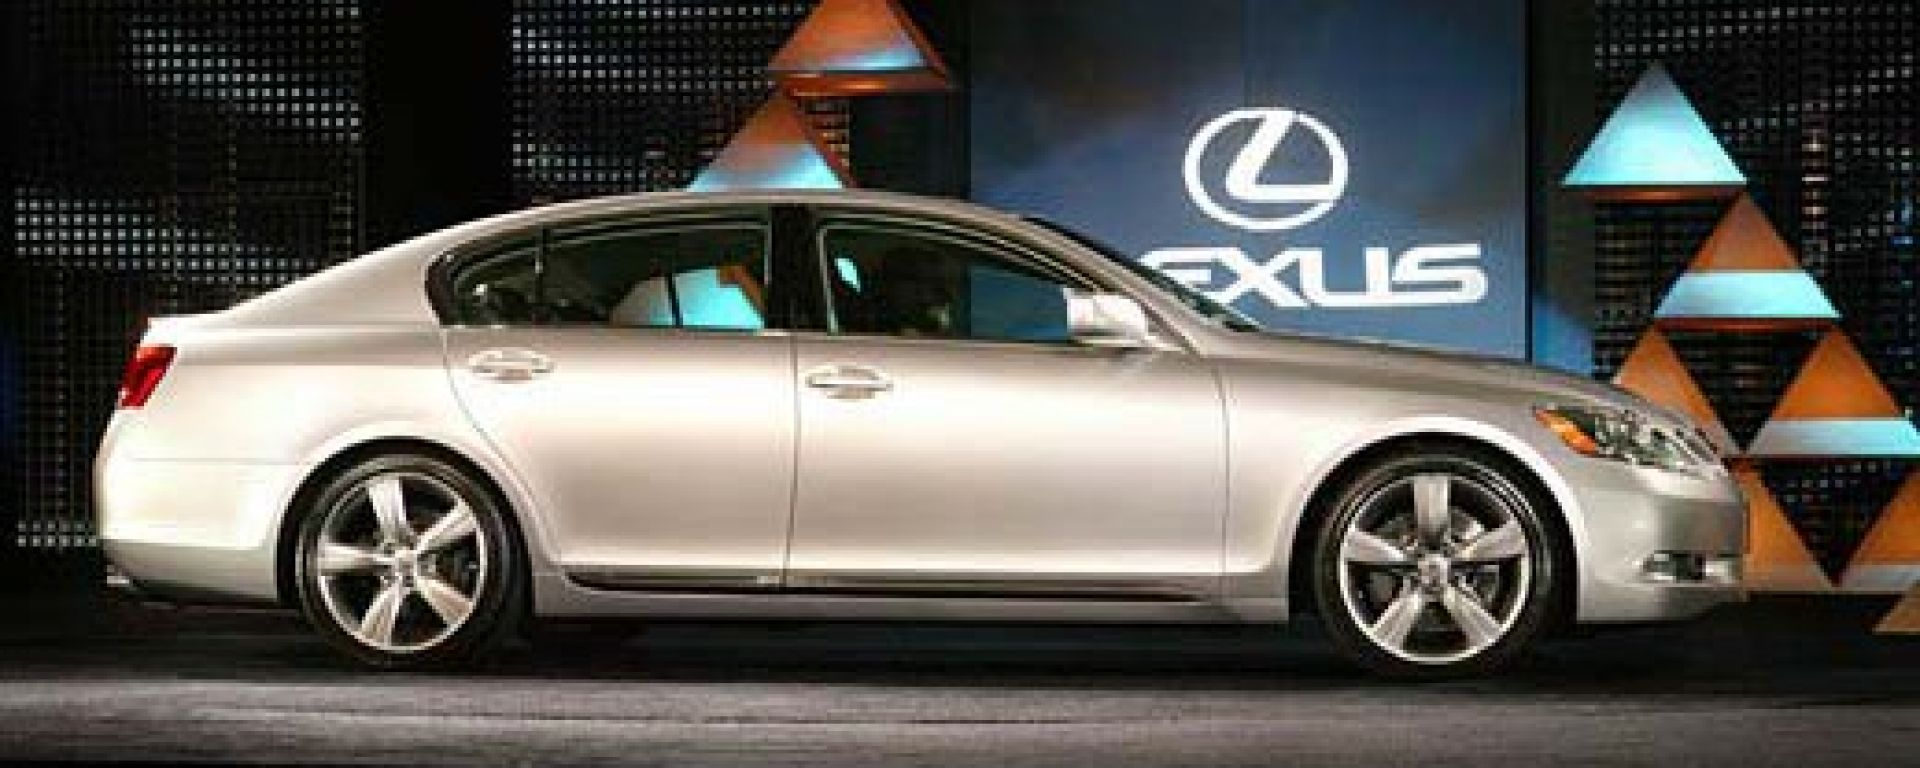 Anteprima:Lexus GS430 2005